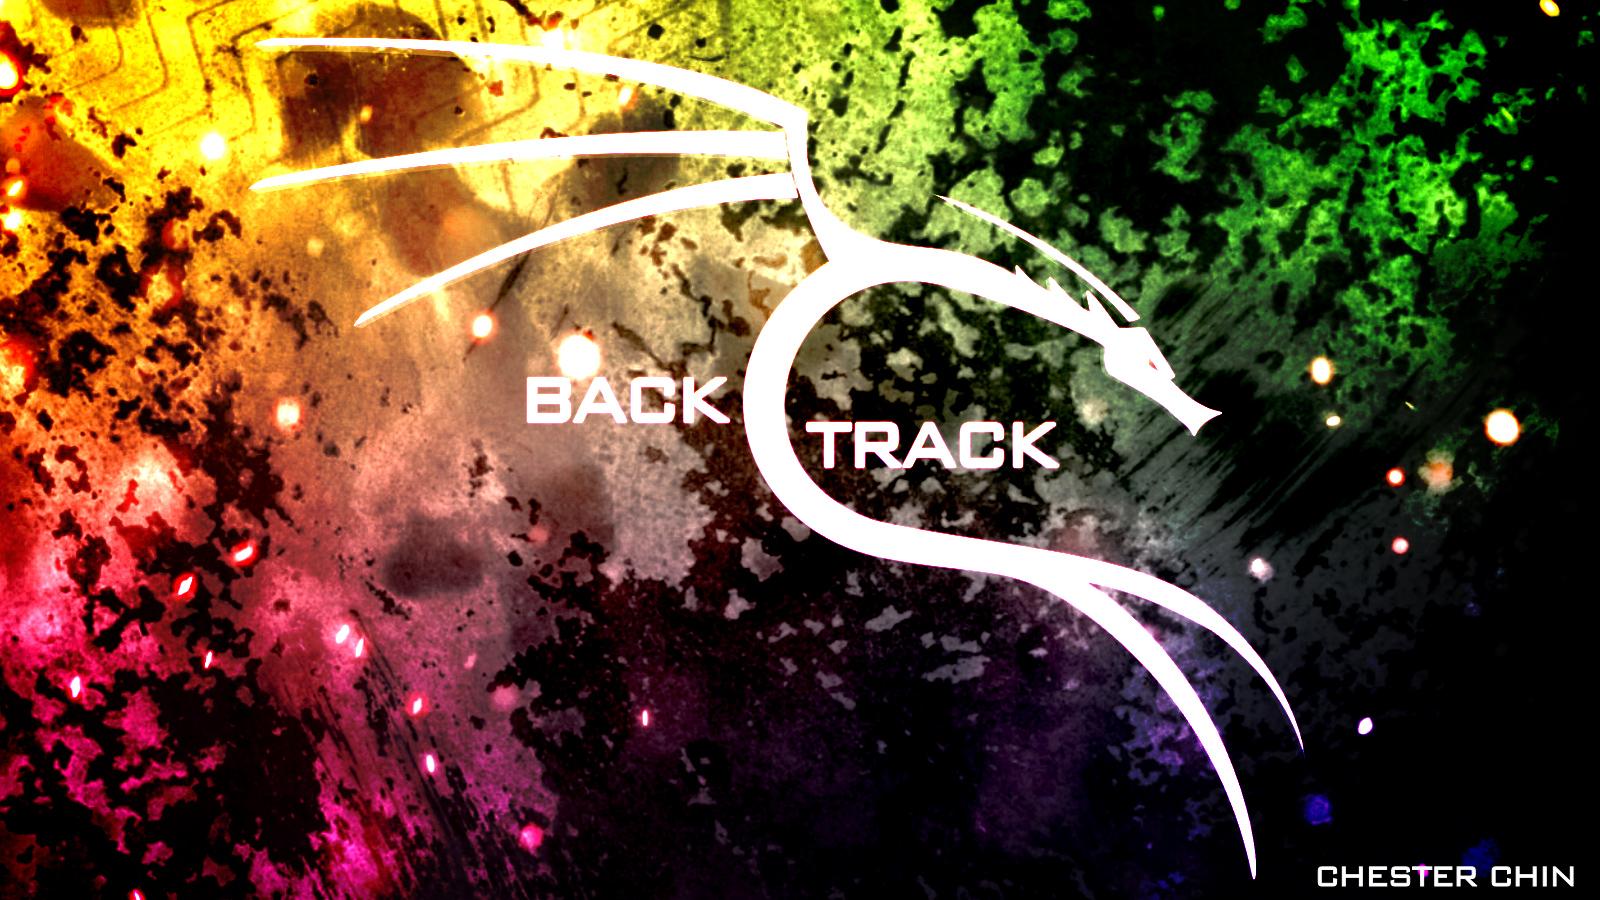 http://1.bp.blogspot.com/-hSm5uIERnXI/TpKFwhCI0zI/AAAAAAAAAqk/J_3z2USKurE/s1600/Backtrack_REMIX_00197.jpg